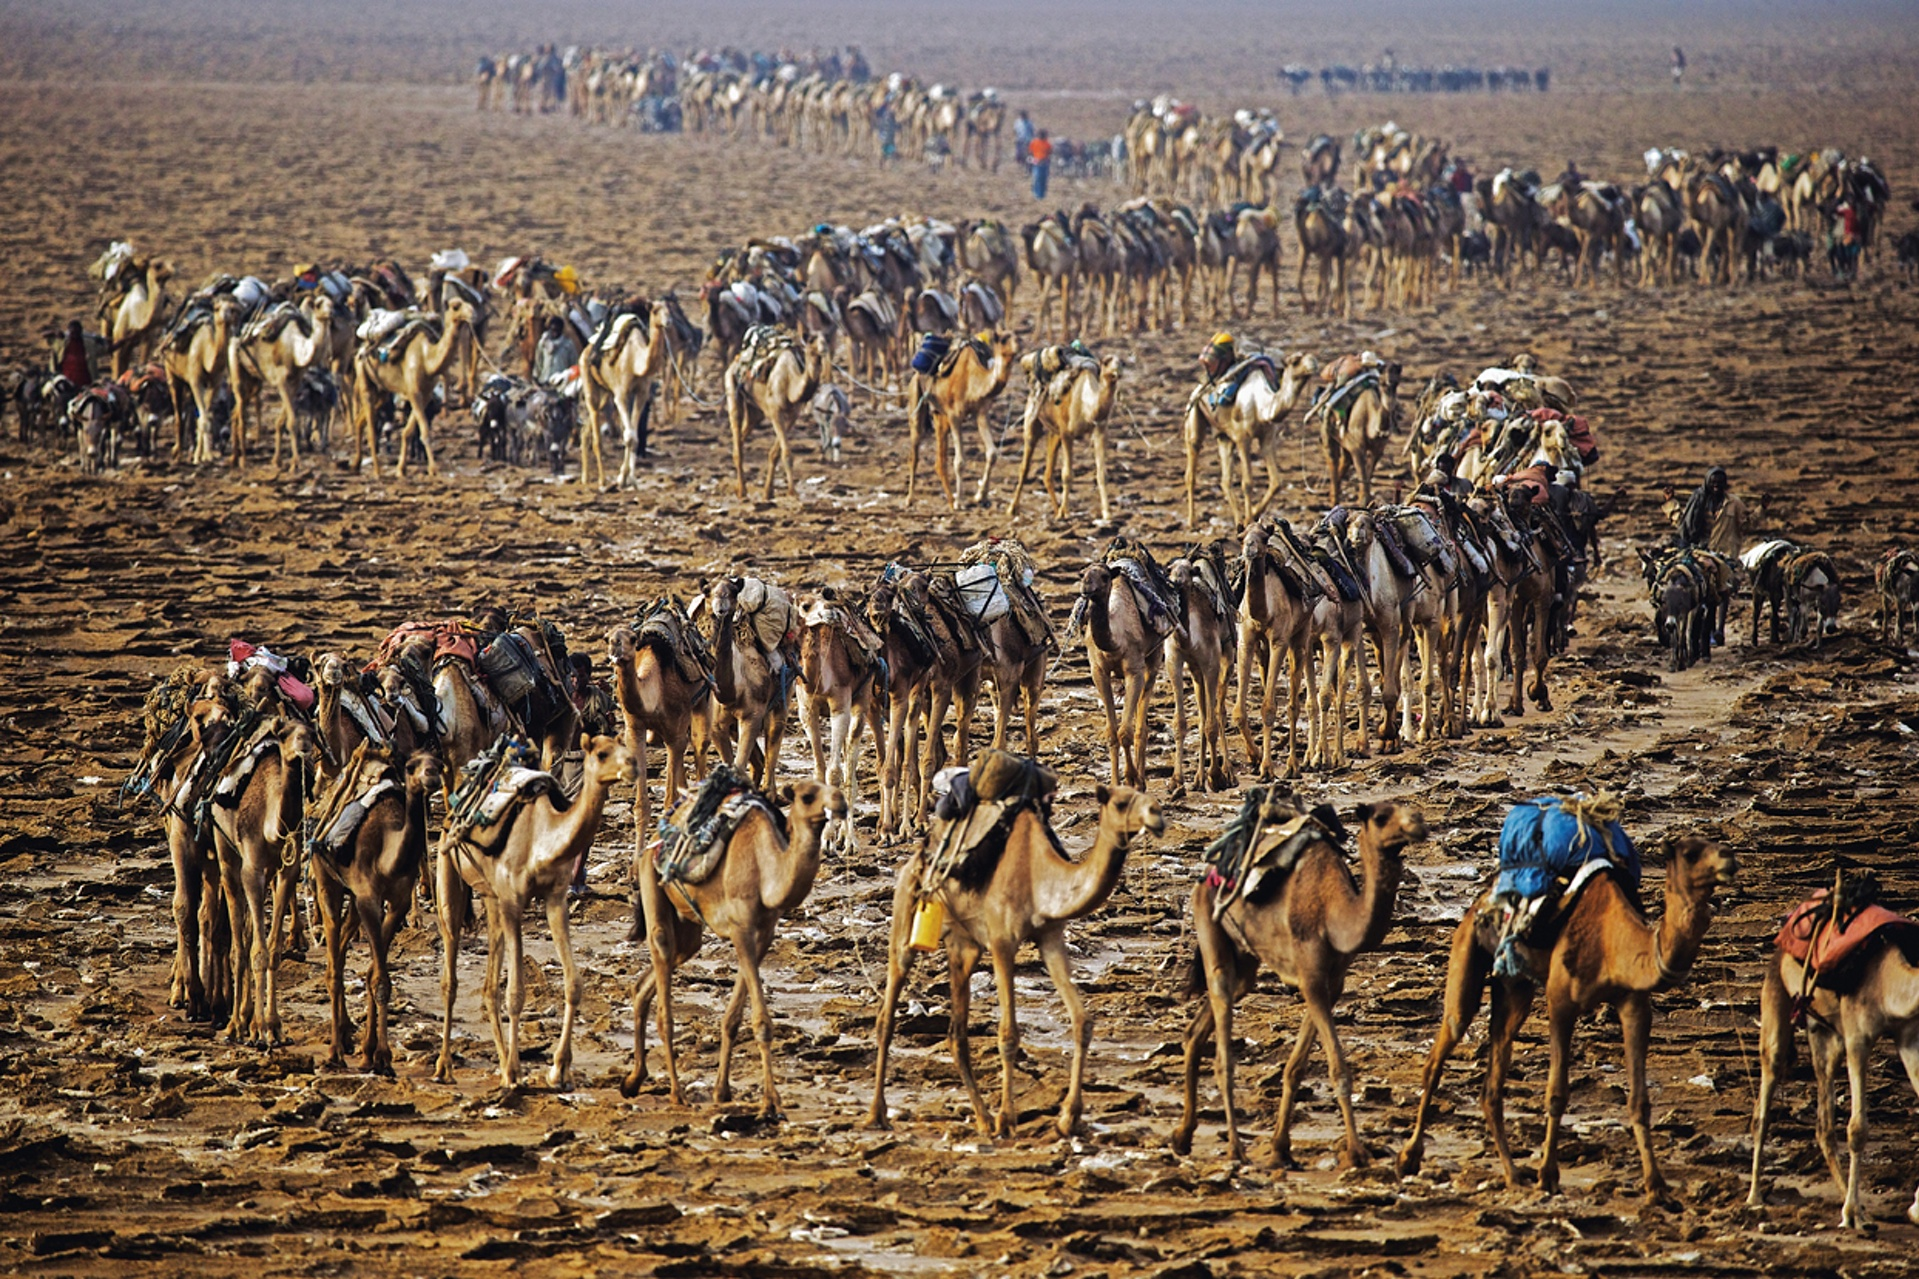 Λίμνη Karum, καραβάνι μεταφοράς αλατιού, Αιθιοπία